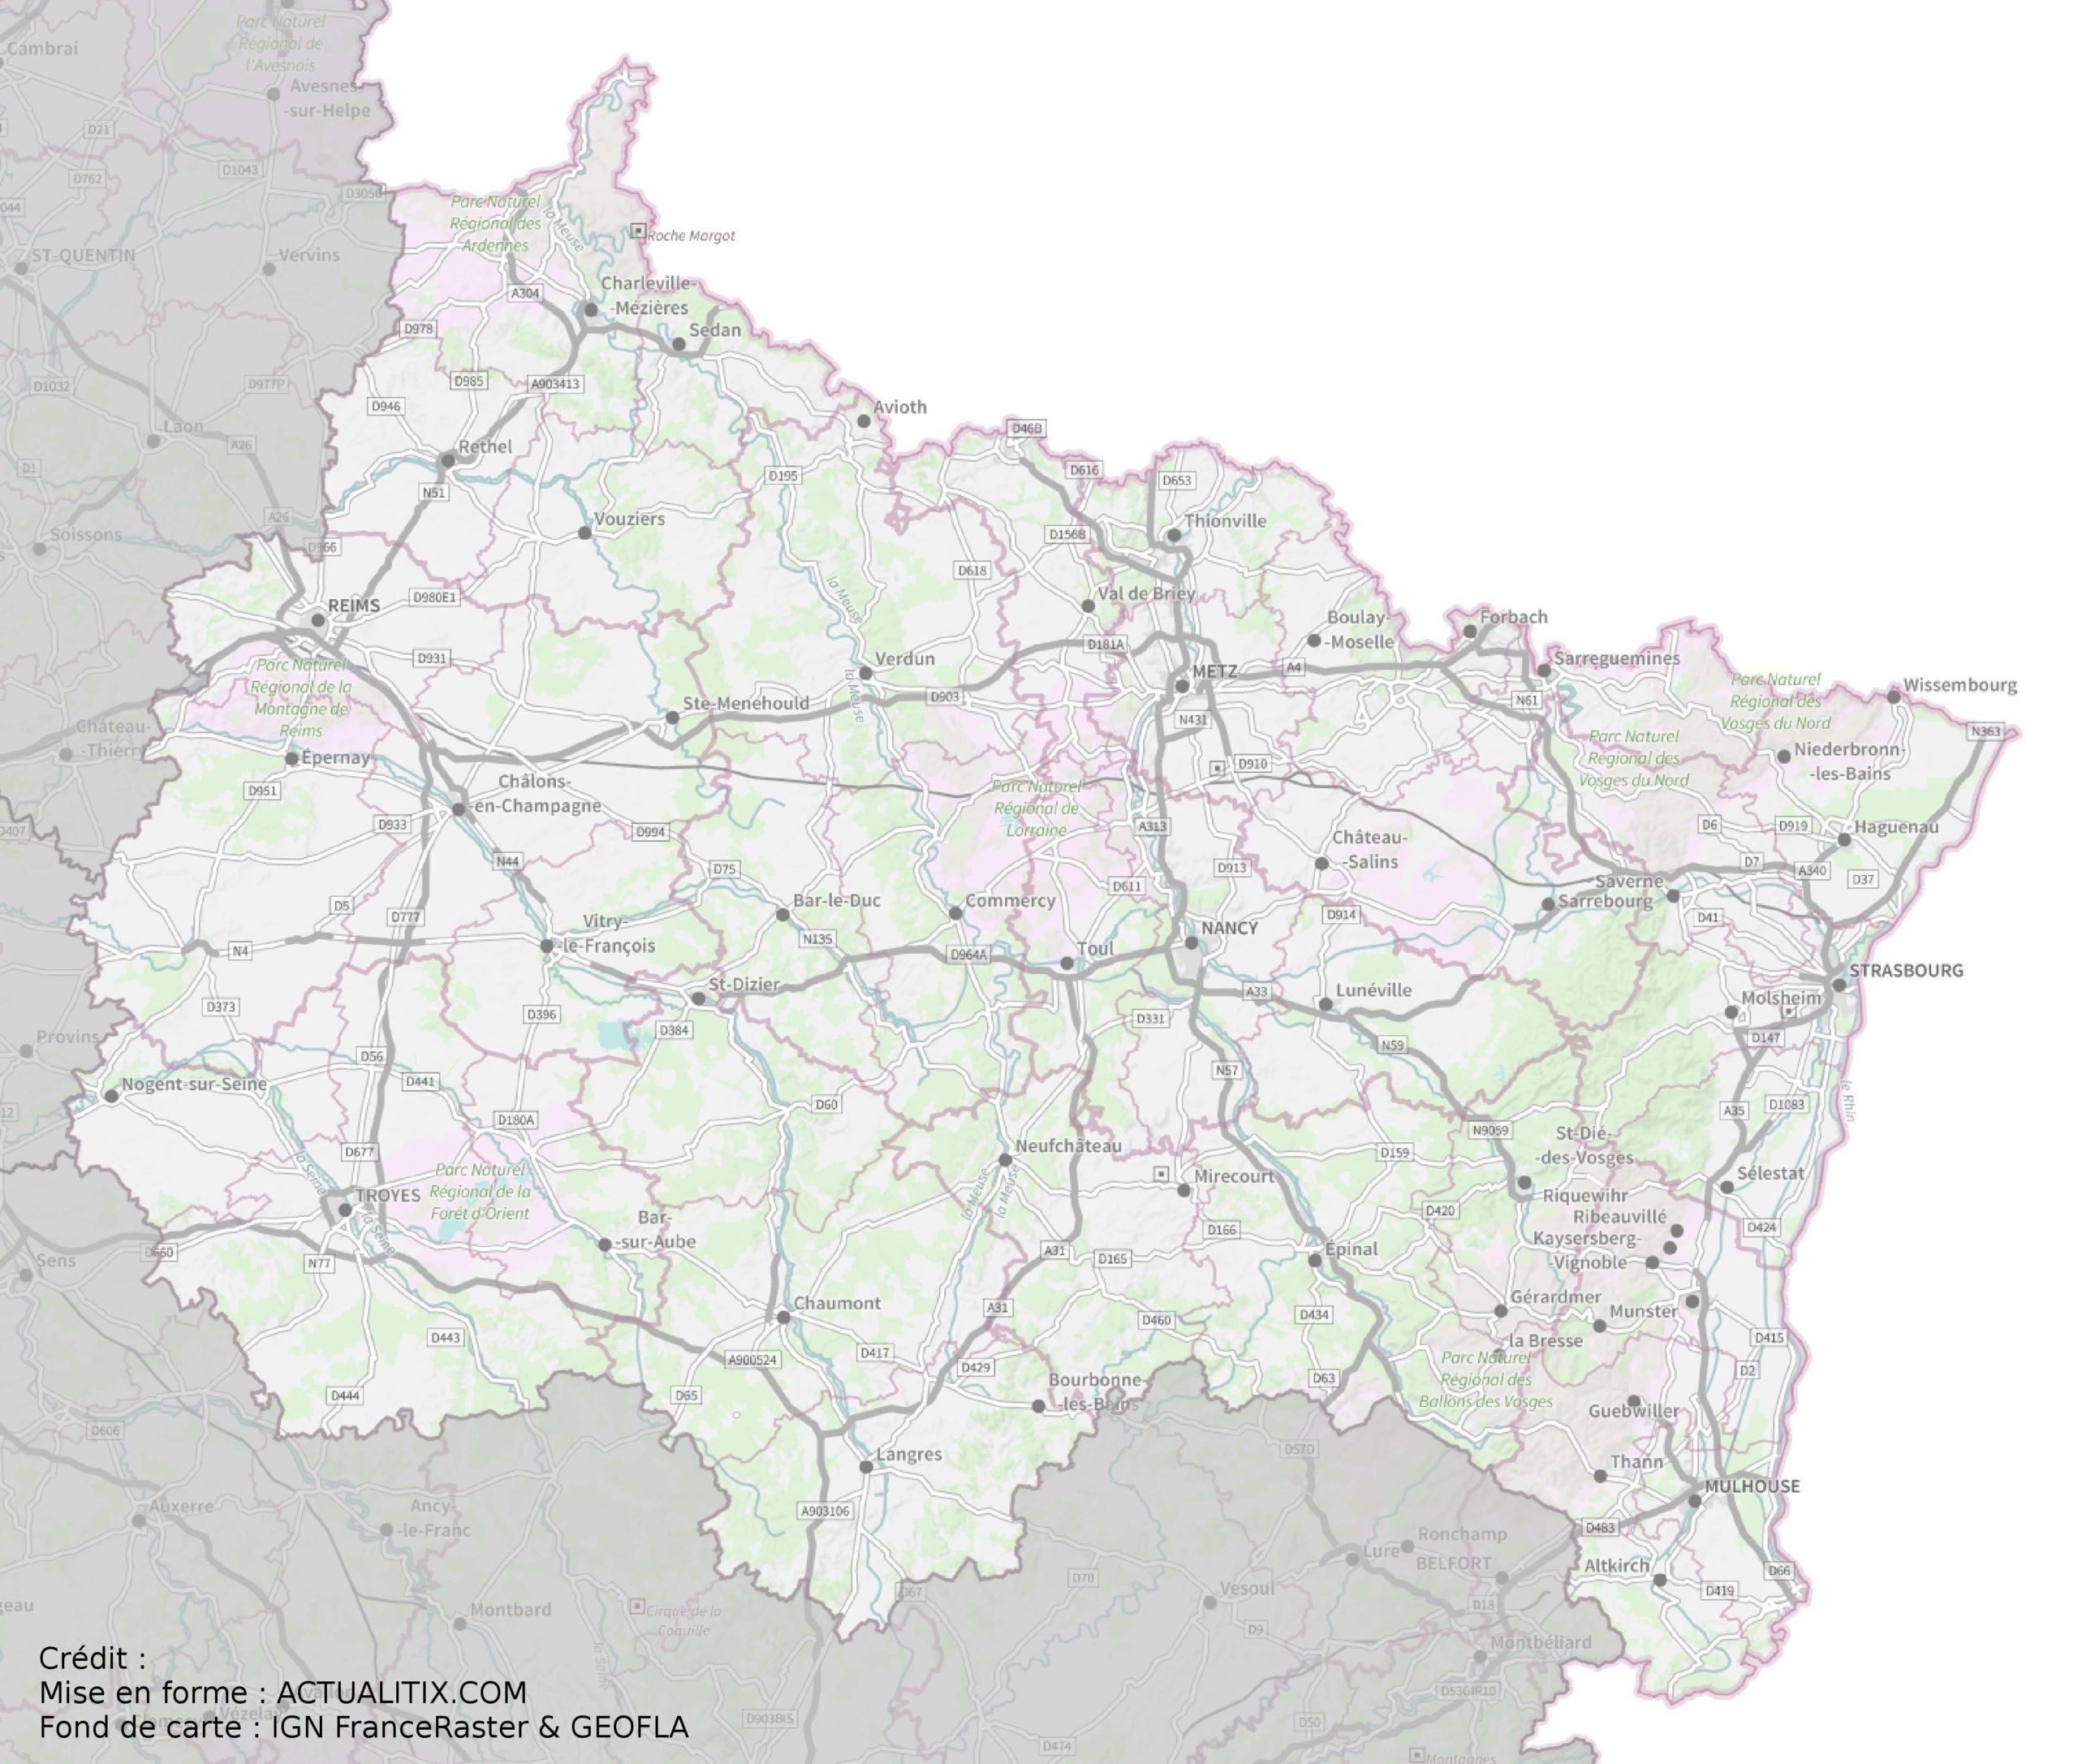 Carte Du Grand Est - Grand Est Carte Des Villes pour Fond De Carte France Fleuves